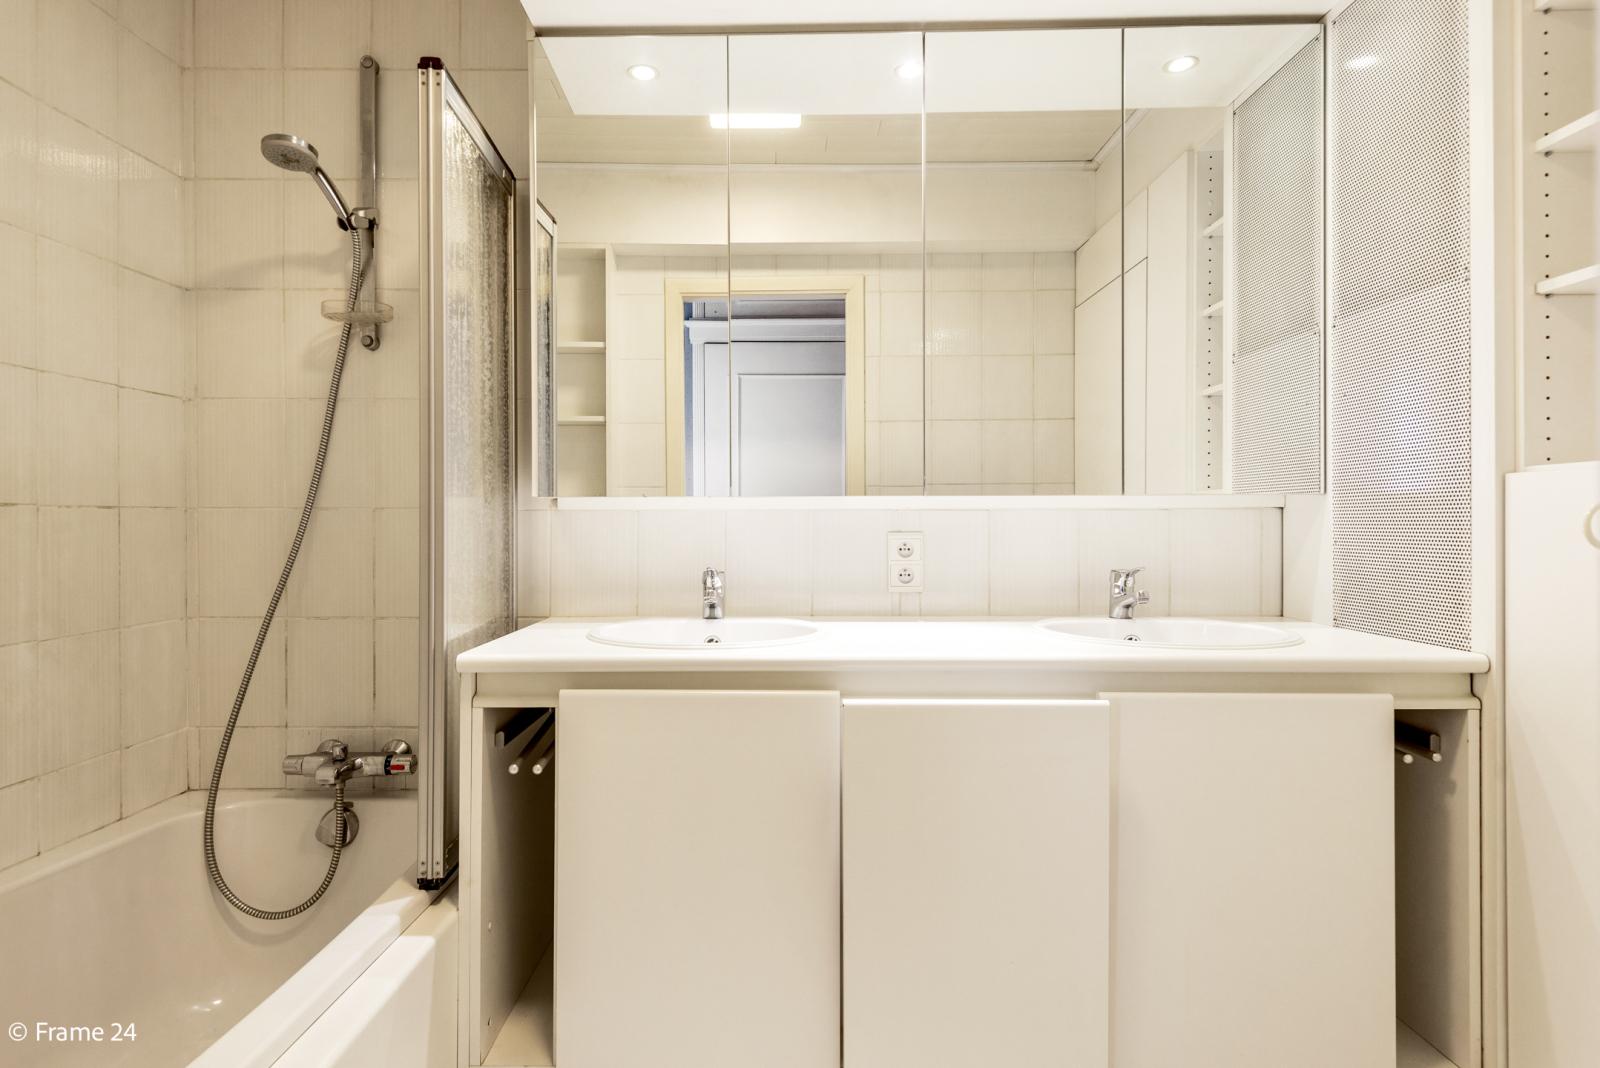 Appartement met 3 slaapkamers op gunstige locatie in Berchem. afbeelding 10